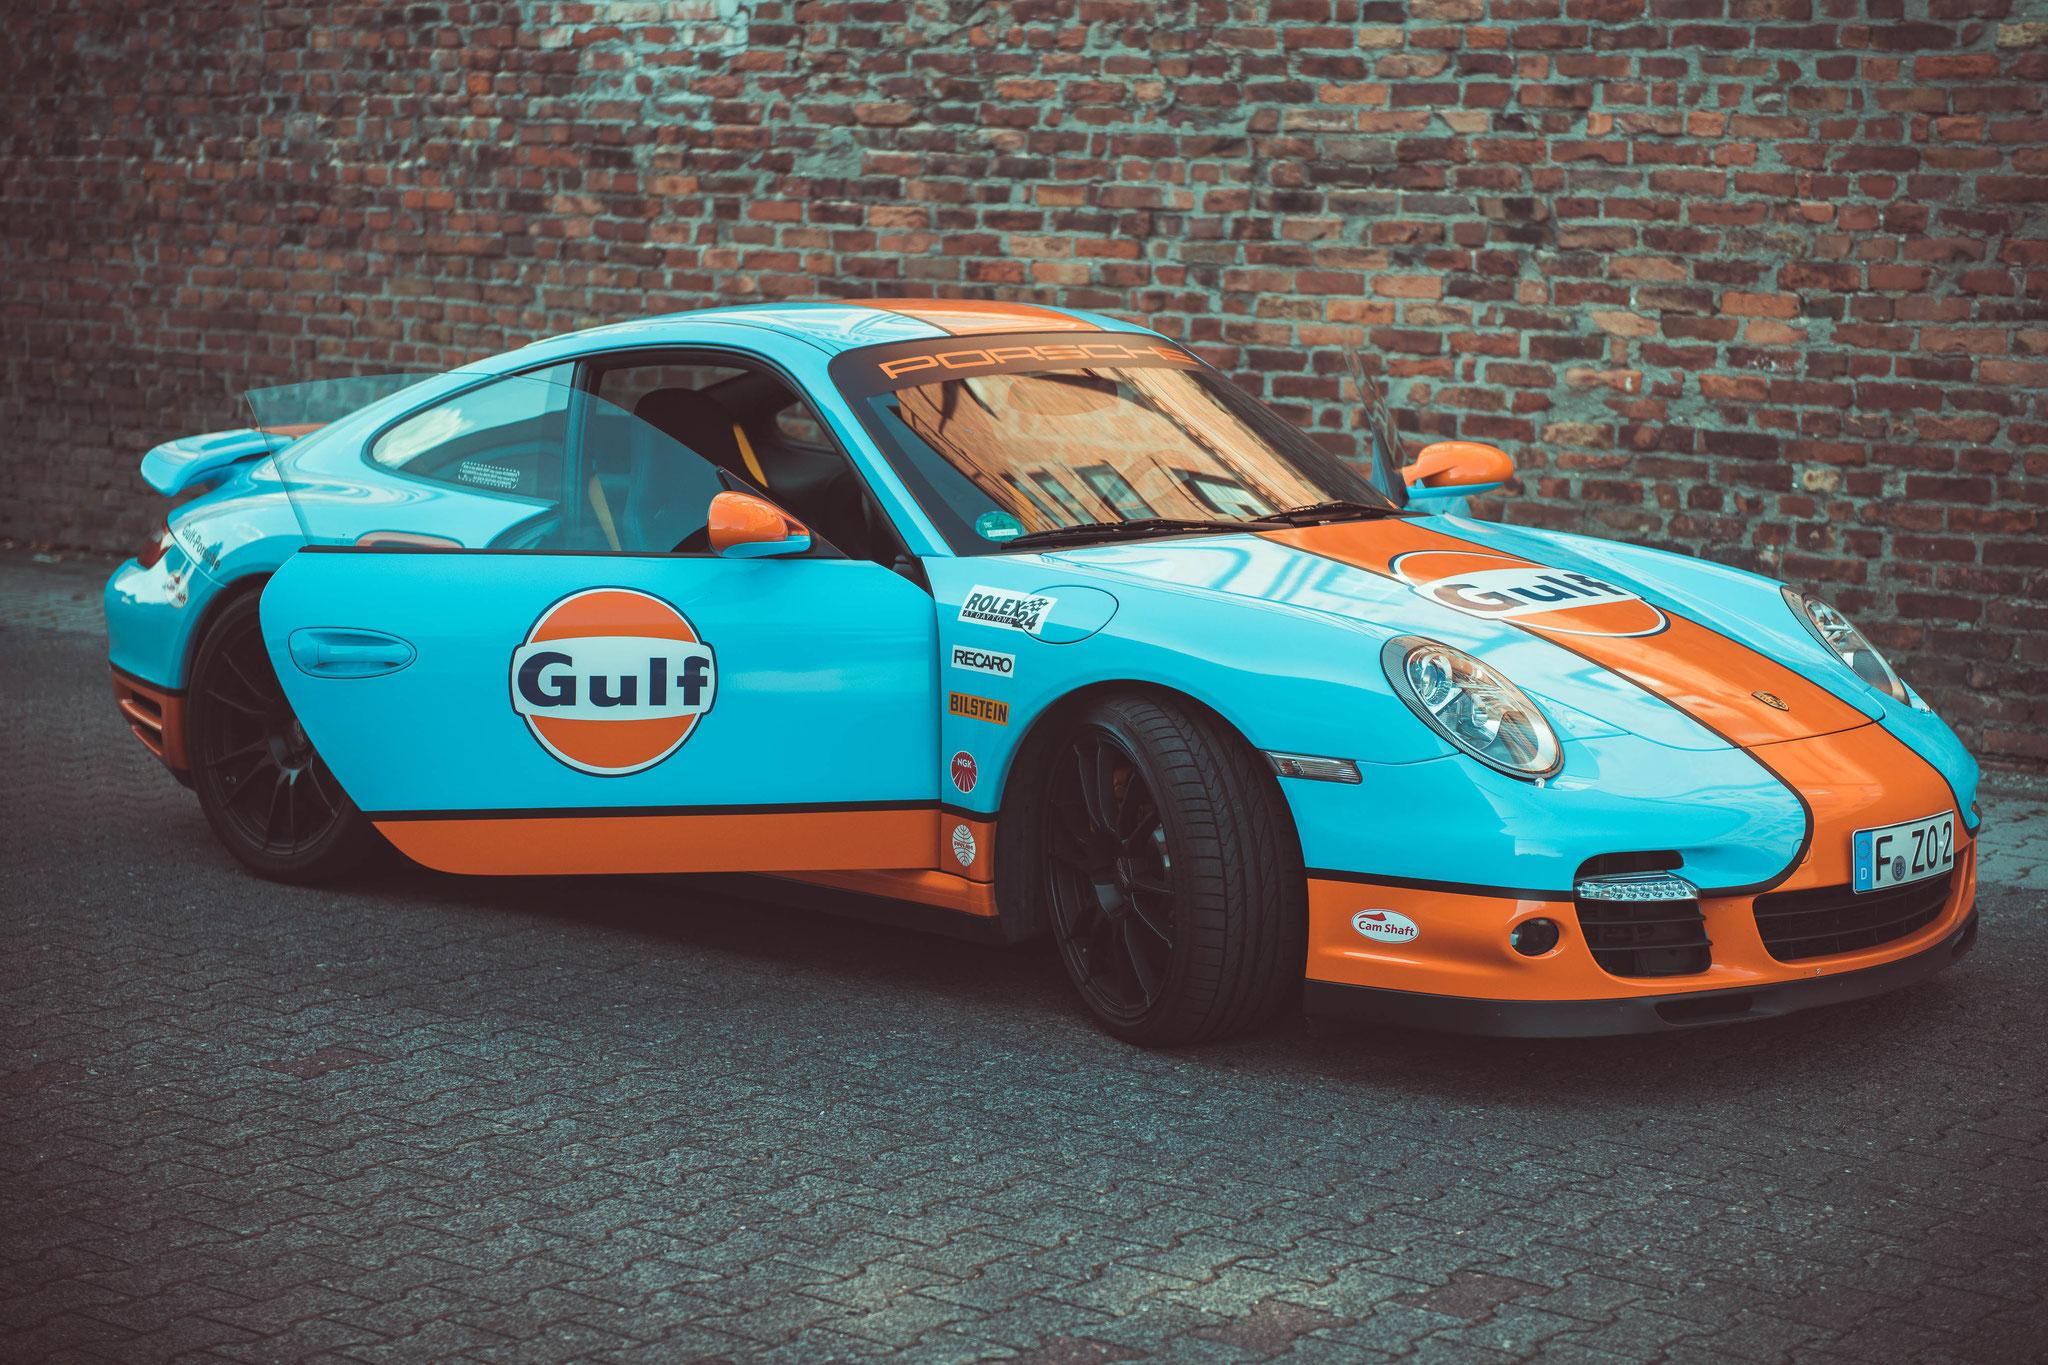 Porsche 997 Turbo Wurde von der Firma 9ff getuned